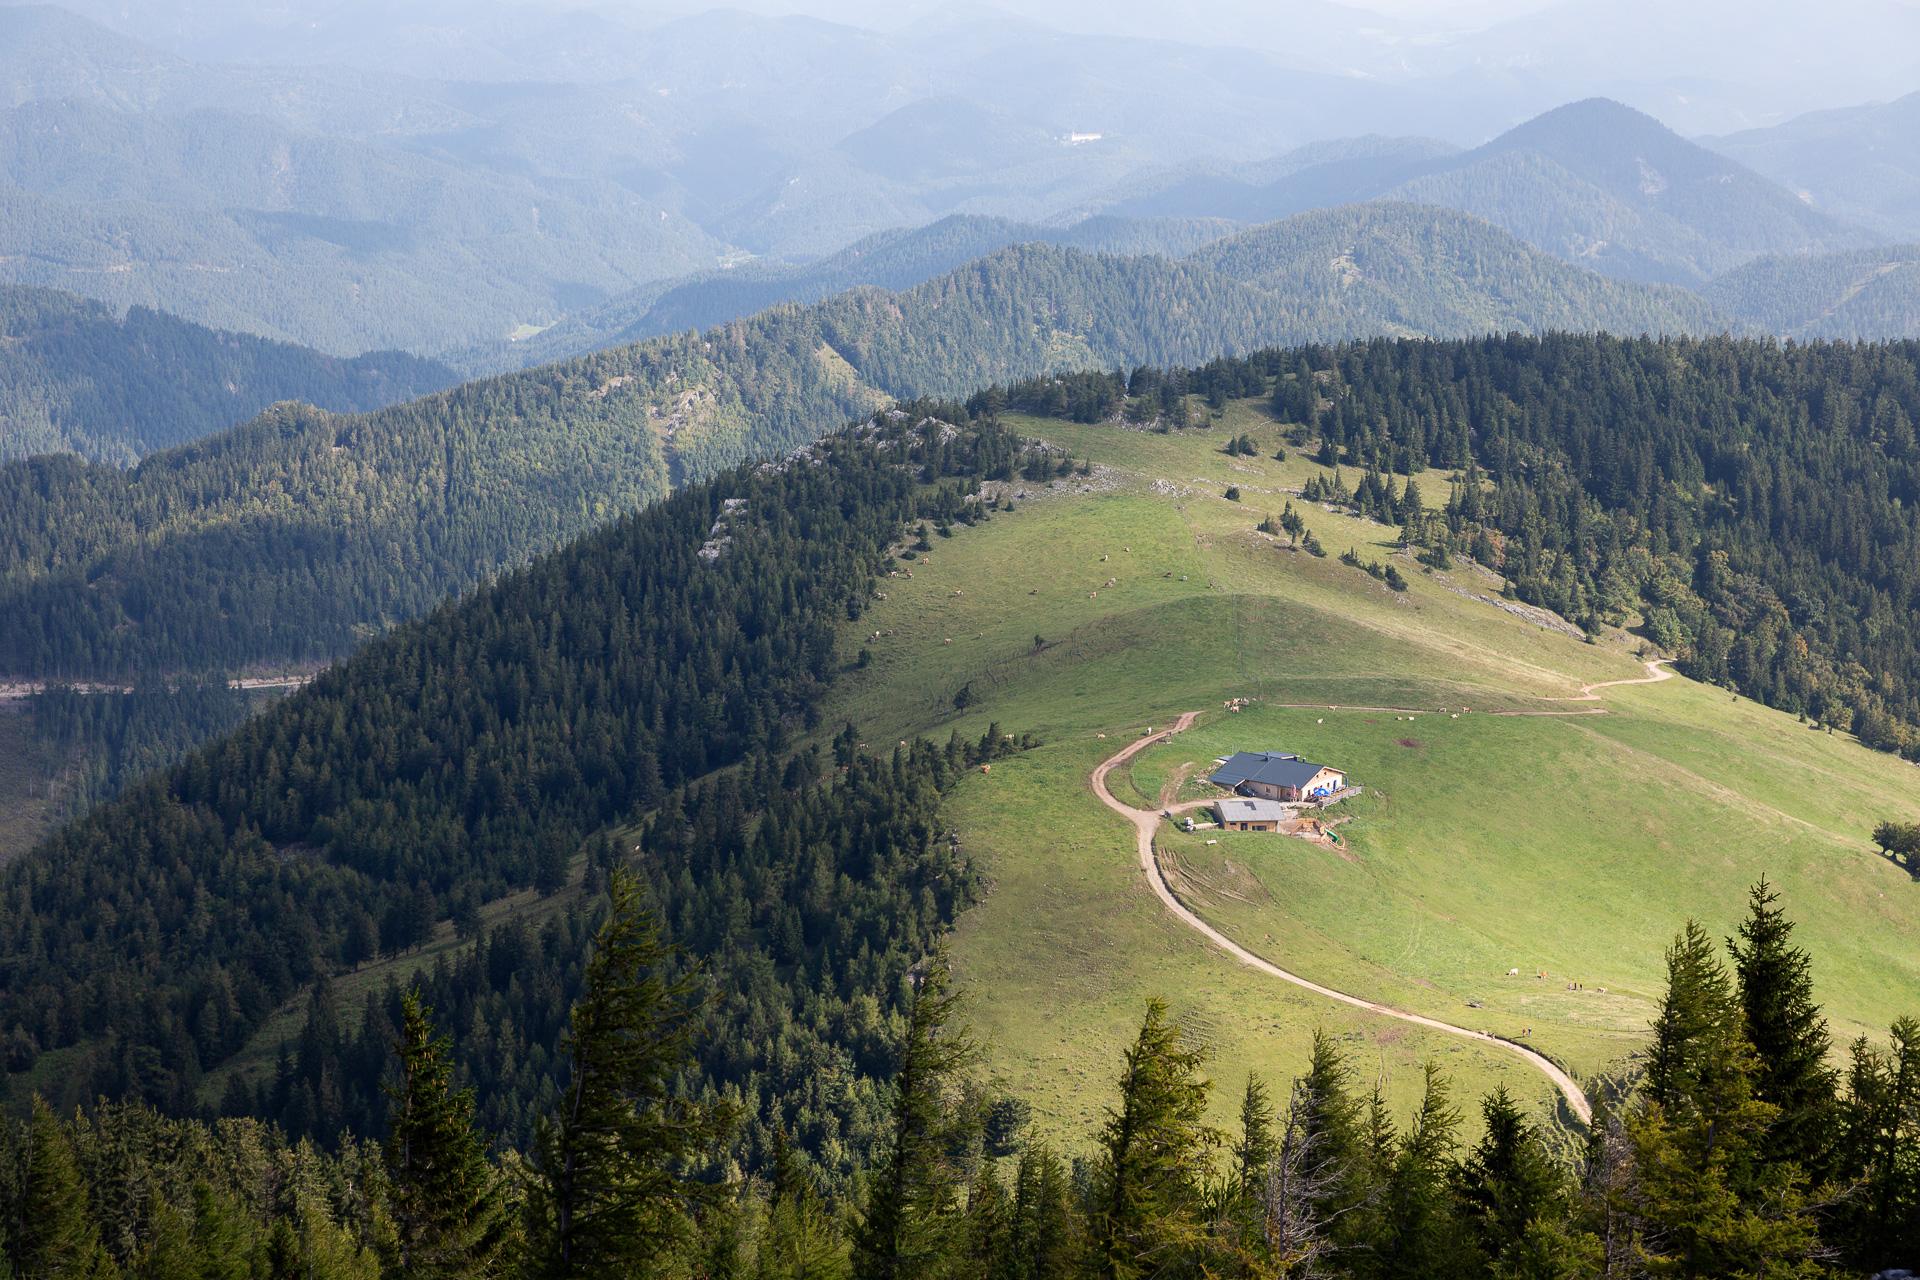 Komm mit uns auf einenFotostreifzug am Plateau des Schneeberges. Erlebe in einer kleinen Gemeinschaft eine Bahnfahrt auf den Berg und einen einfachen fotografischen Wandertag in Niederösterreich mit fantastischen Ausblicken.